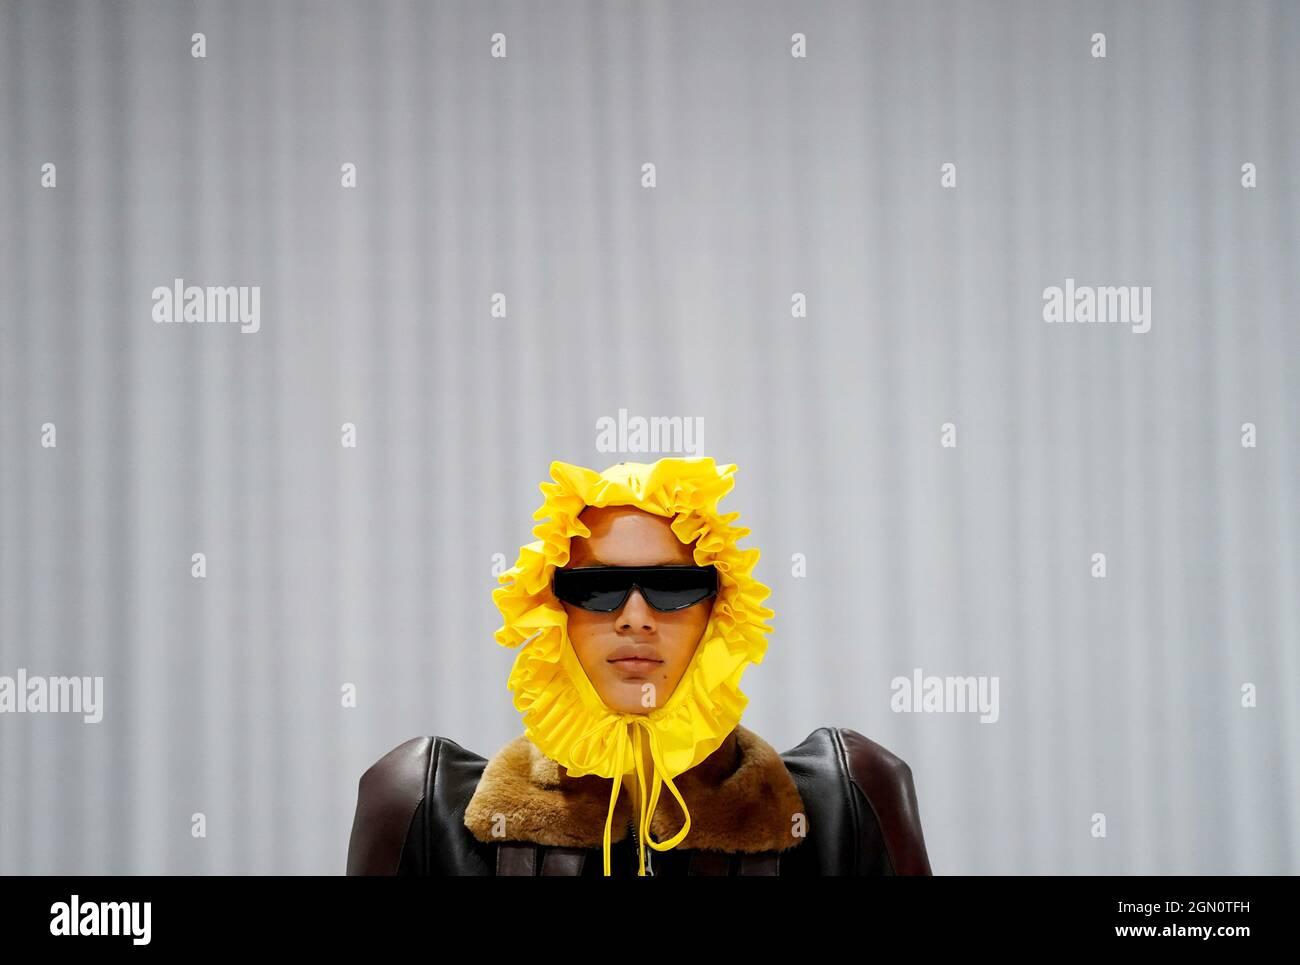 Des modèles apparaissent sur la passerelle lors du spectacle Richard Quinn de la London Fashion week 2021 qui s'est tenu au Londoner Hotel, Leicester Square, Londres. Date de la photo: Mardi 21 septembre 2021. Banque D'Images